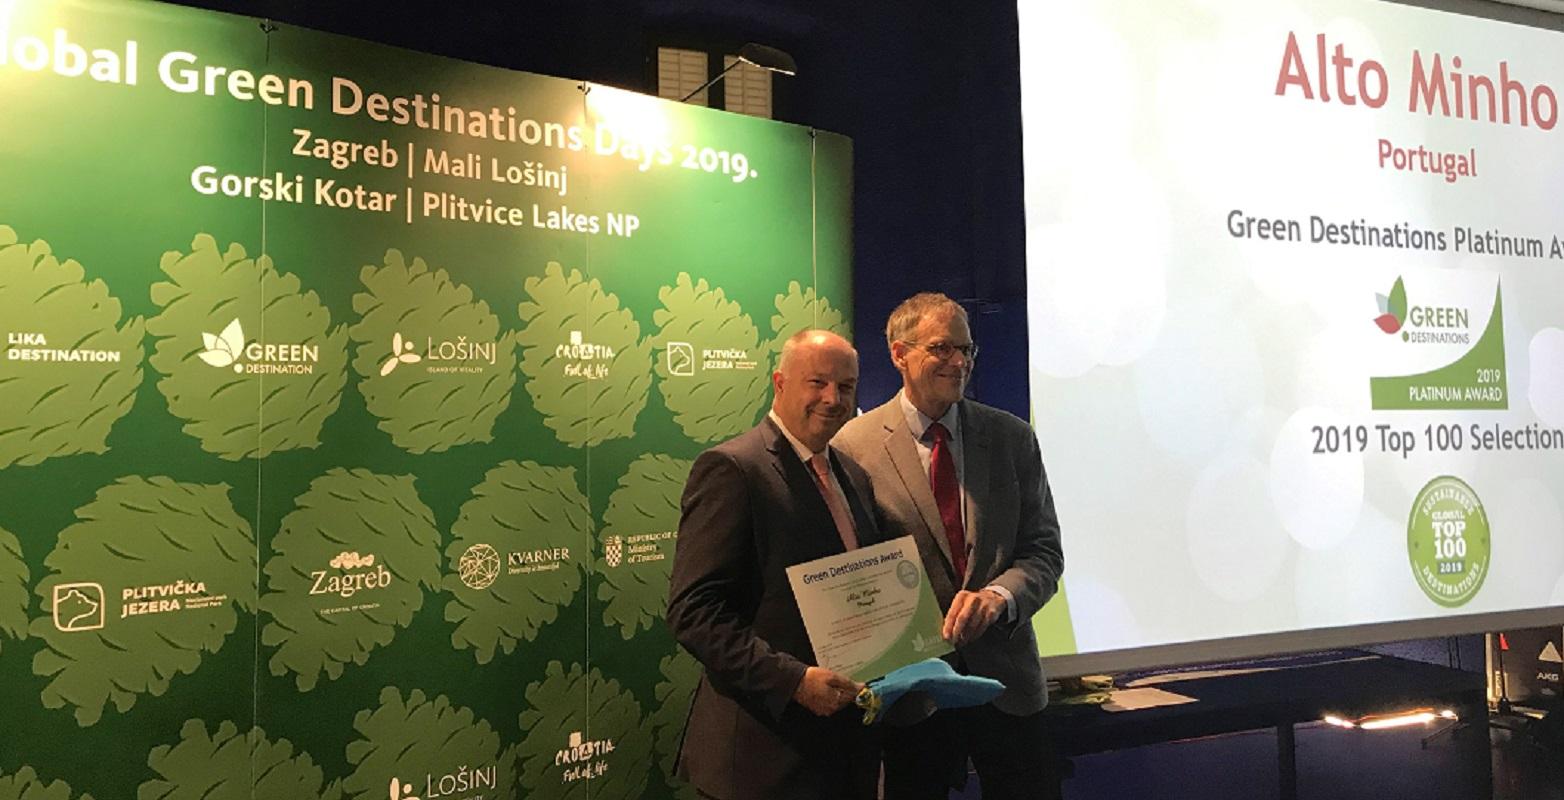 Alto Minho premiado com o galardão de Platina QualityCoast/Green Destinations